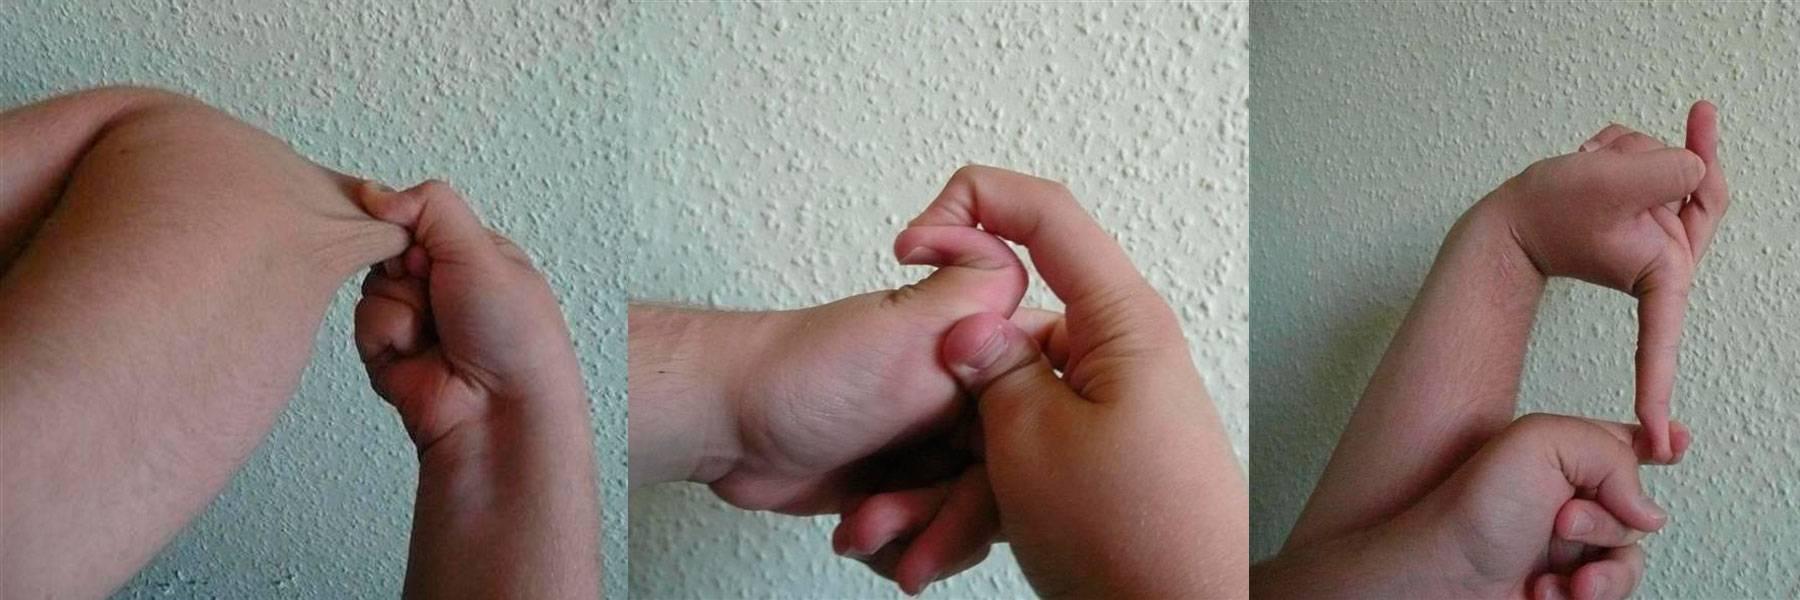 Дисплазия соединительной ткани: причины, симптомы, диагностика, лечение